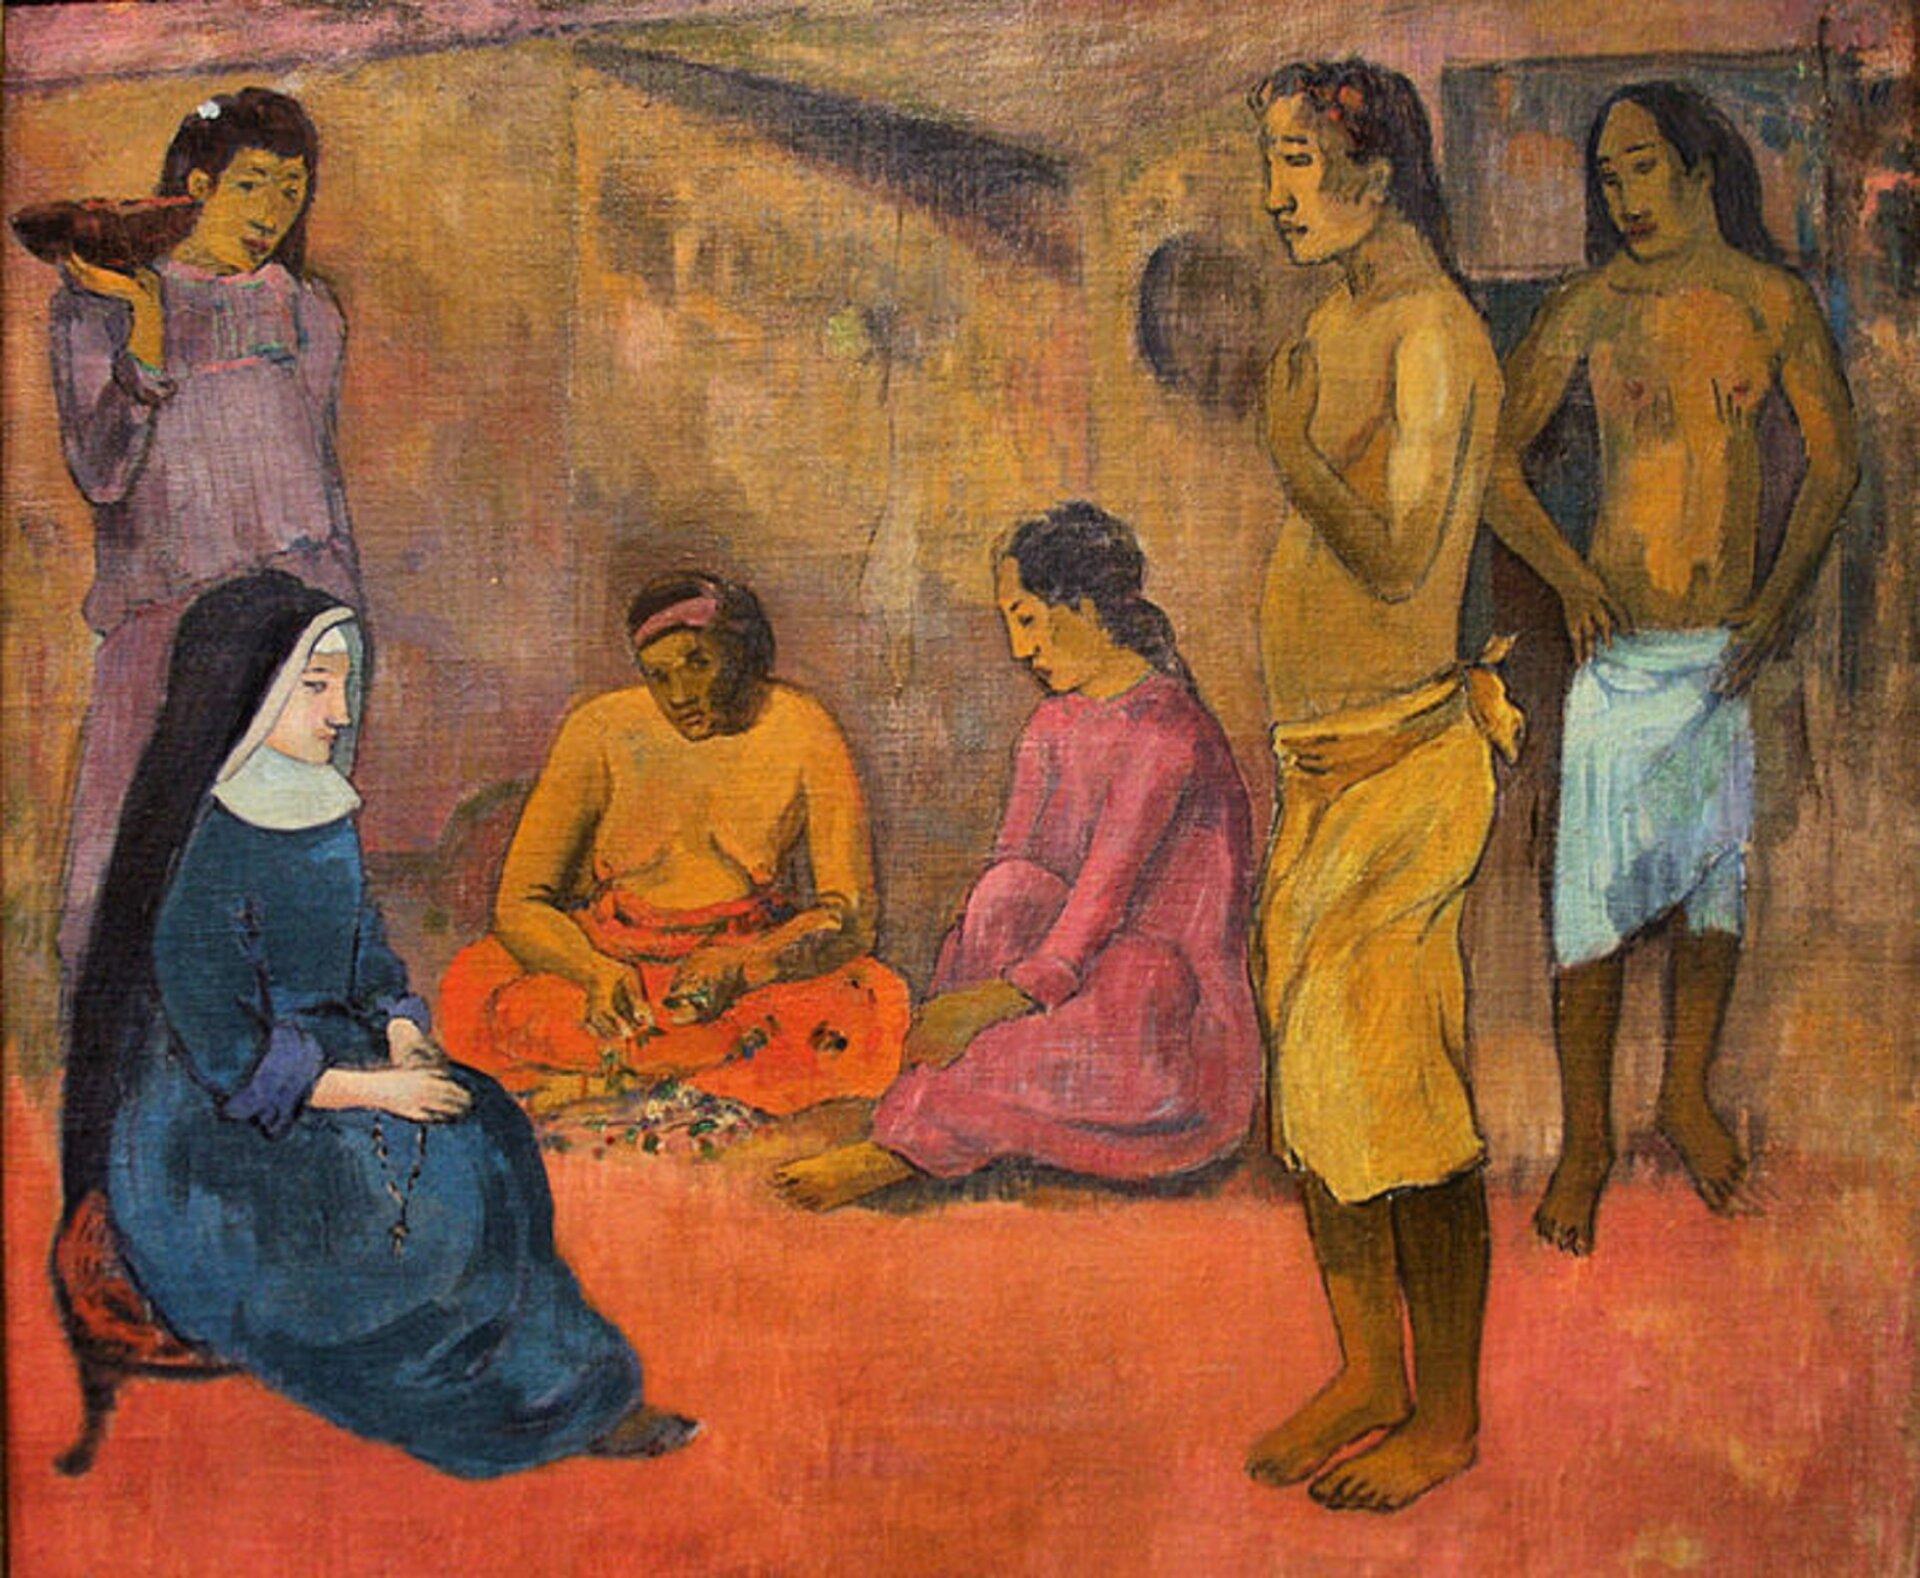 """Ilustracja przedstawia obraz Paula Gauguina """"Siostra miłosierdzia"""". Ukazuje klęczącą zakonnicę oraz pięć innych postaci - dwóch mężczyzn oraz trzy kobiety. Dwaj mężczyźni stoją naprzeciw zakonnicy. Osłonięte mają jedynie biodra. Za zakonnicą stoi kobieta trzymająca wgórze misę. Ma na sobie fioletową suknię ikwiat we włosach. Pomiędzy nią amężczyznami siedzą dwie kobiety - jedna do połowy jest naga, druga ma na sobie różową suknię. Wszystkie postacie są skupione ipoważne. Ziemia udołu obrazu jest czerwonawa. Wtle znajdują się niewyraźne, rozmazane budynki."""